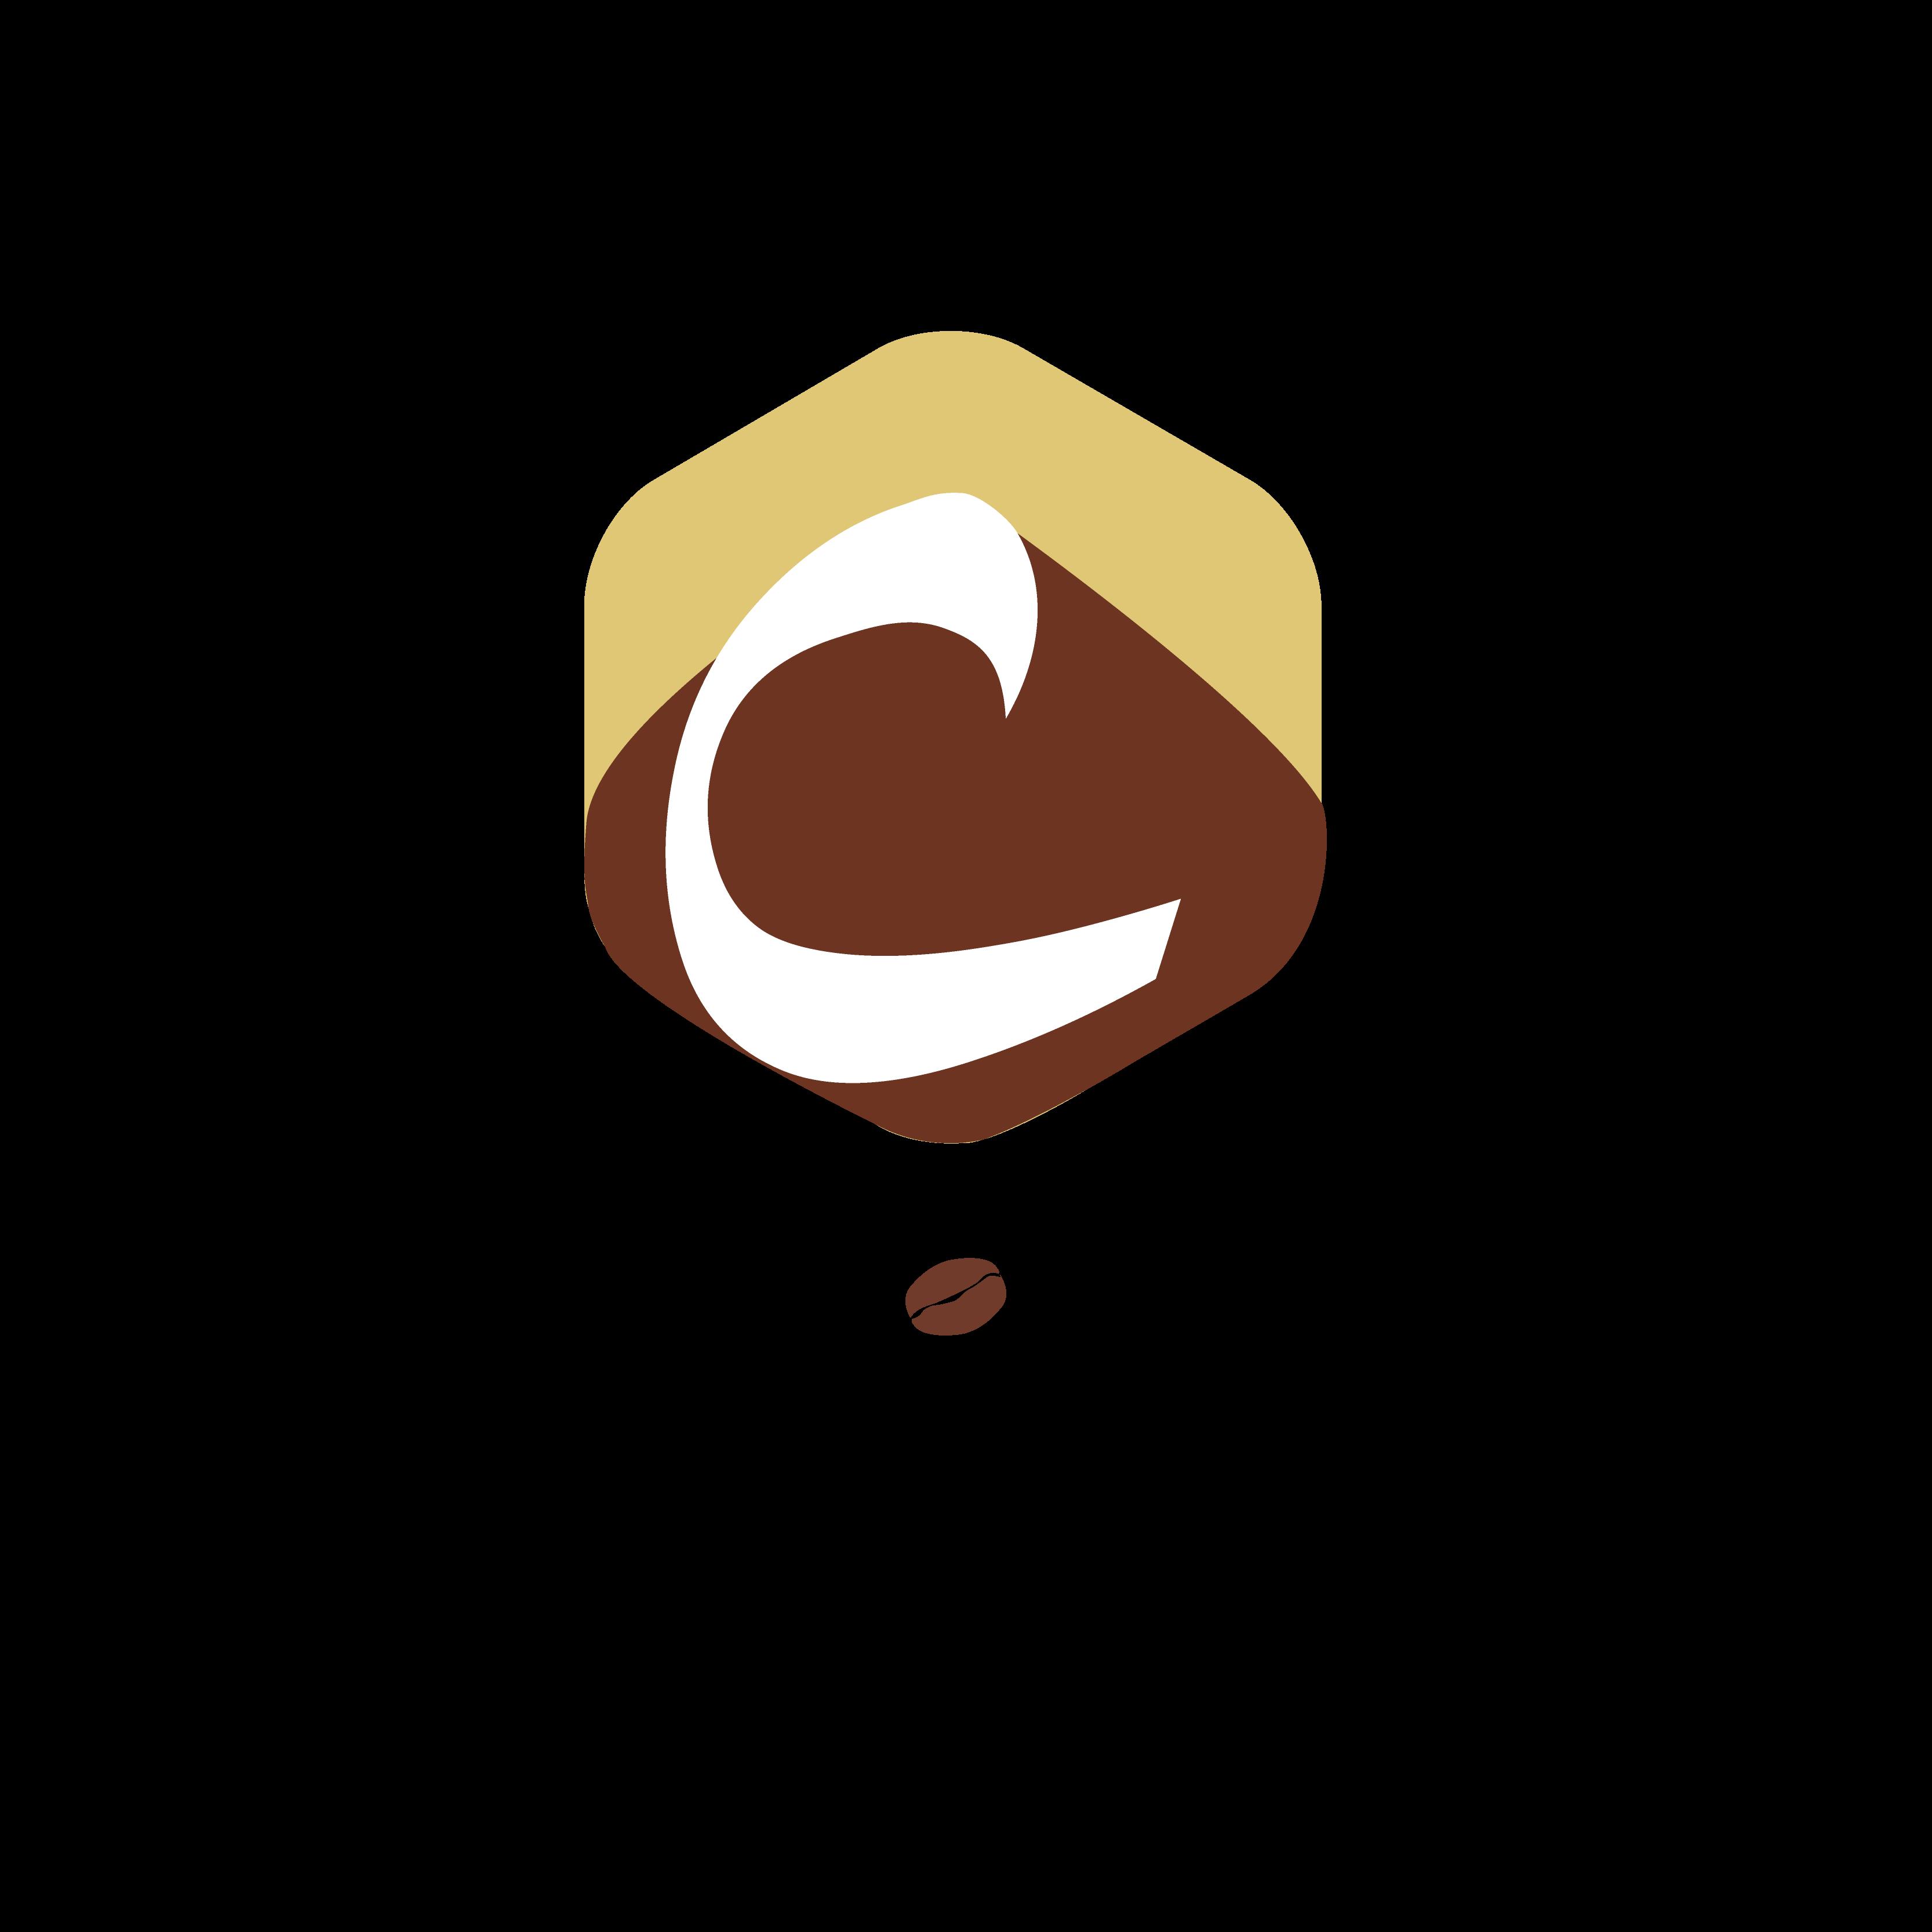 Логотип и фирменный стиль для компании COFFEE CULT фото f_7655bbde90bbf6c8.png